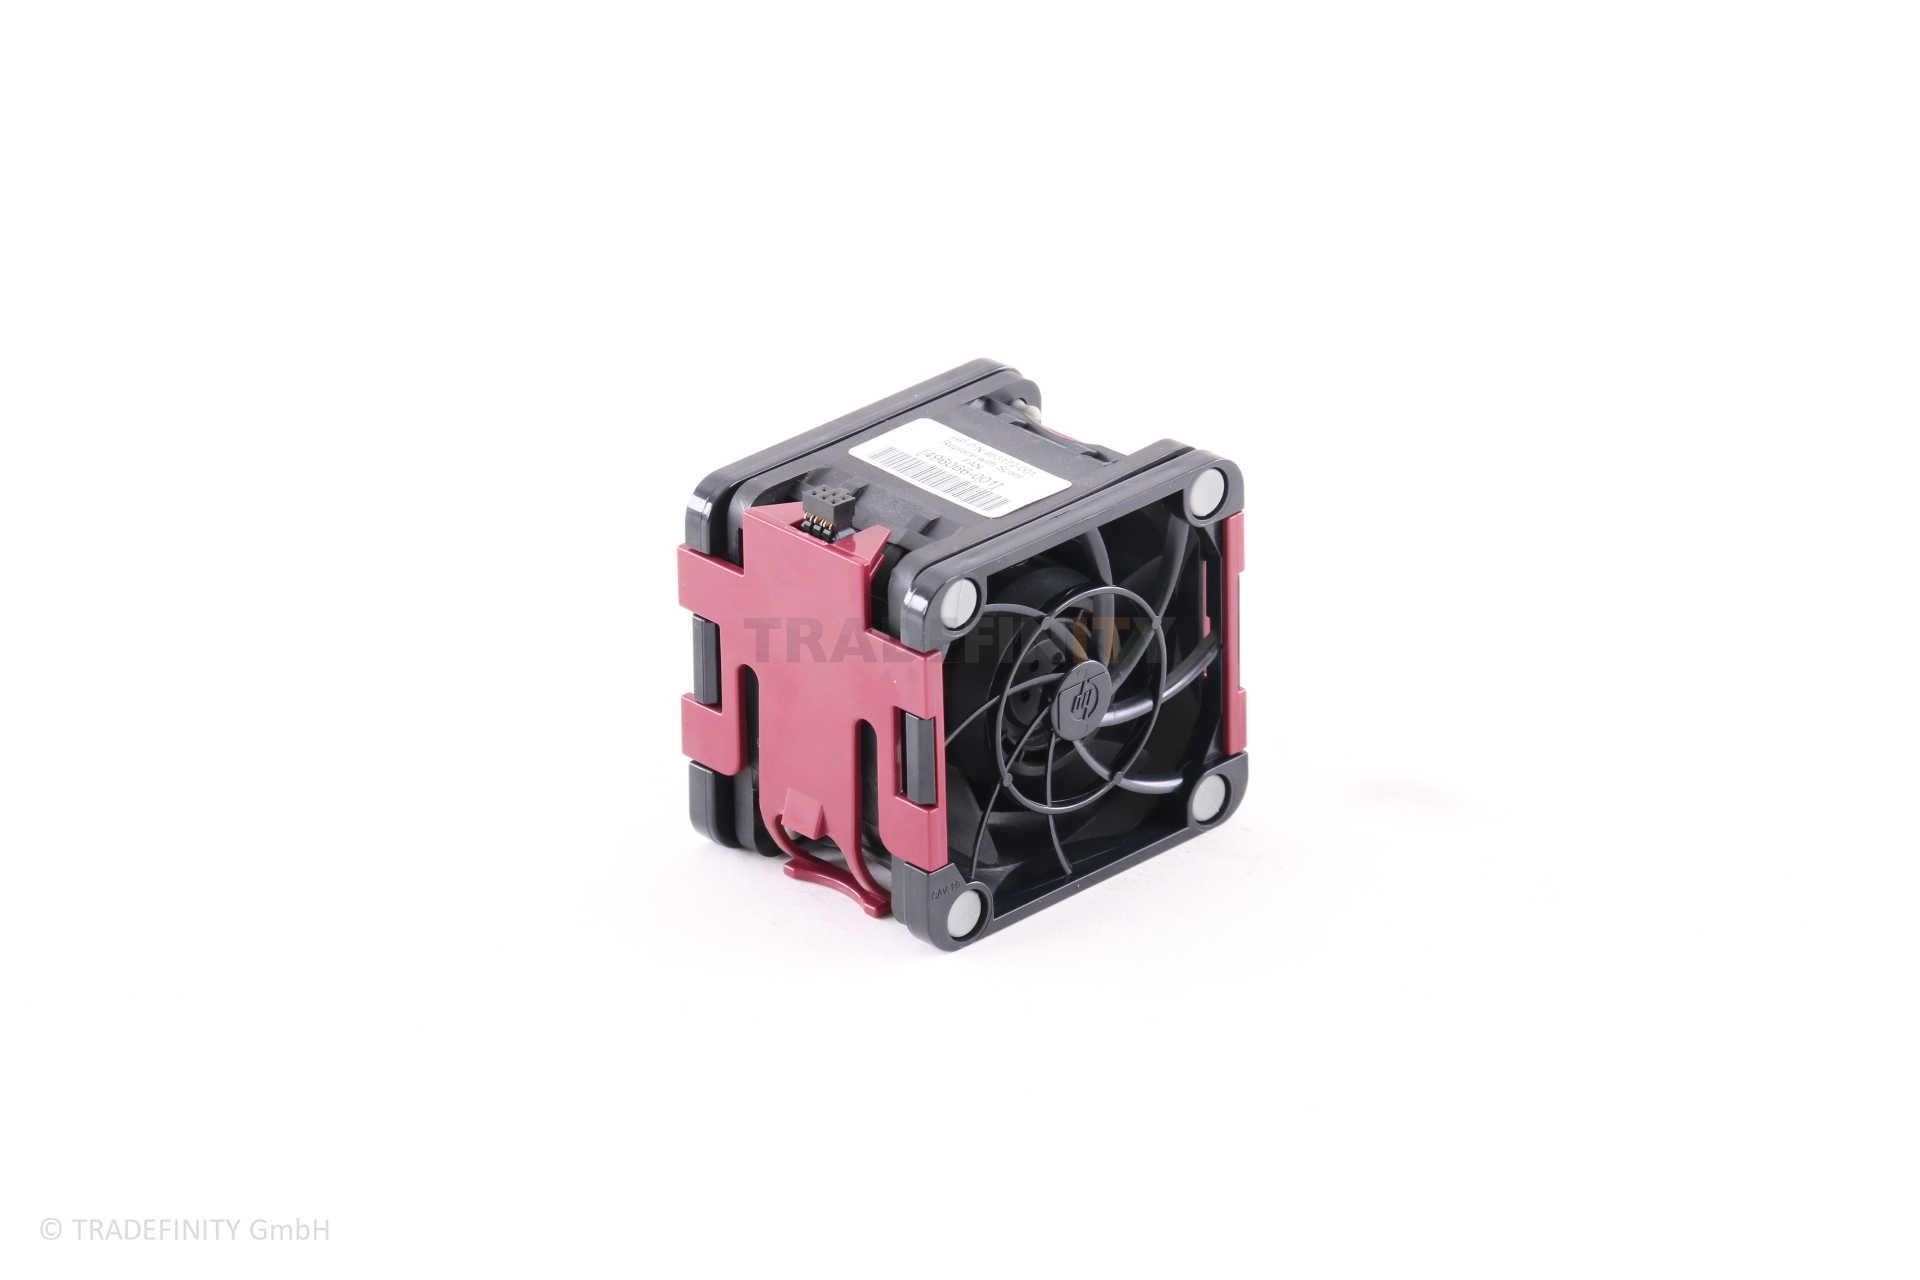 DL380 Gen7 Cooling Assembly